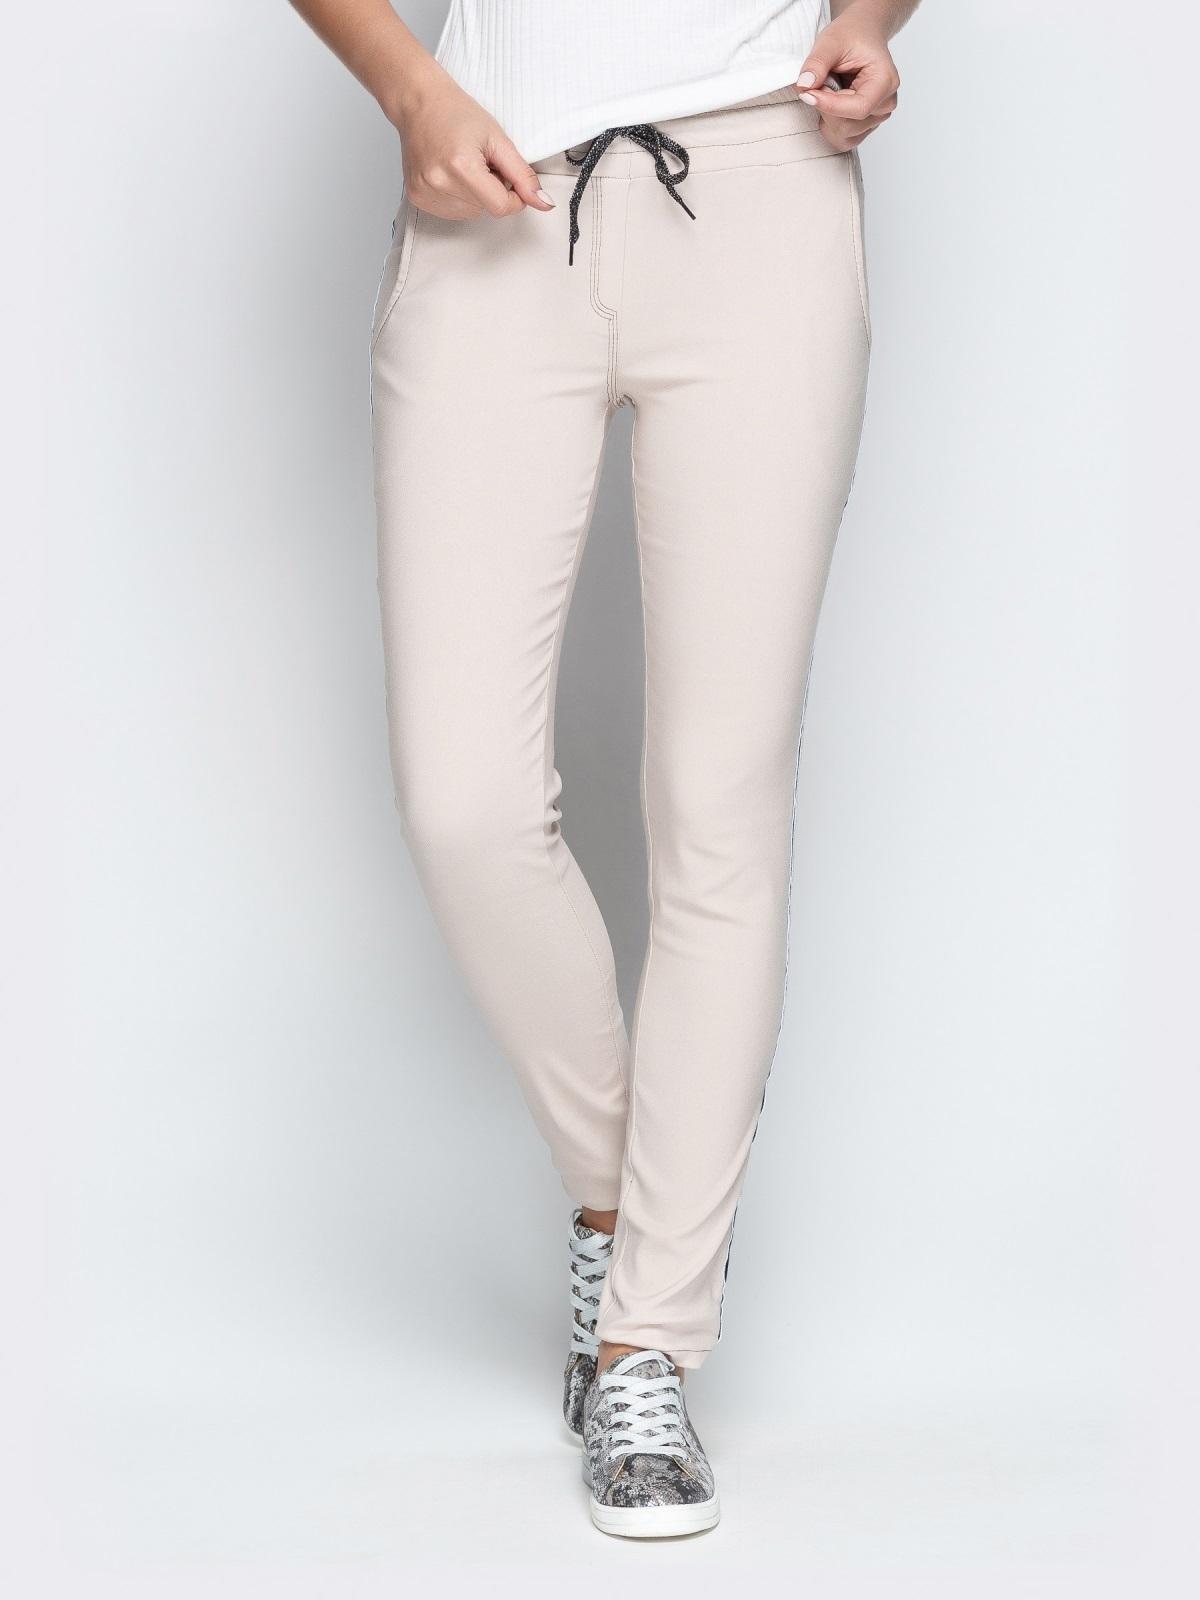 Бежевые брюки с резинкой по талии и контрастными лампасами 21064, фото 1